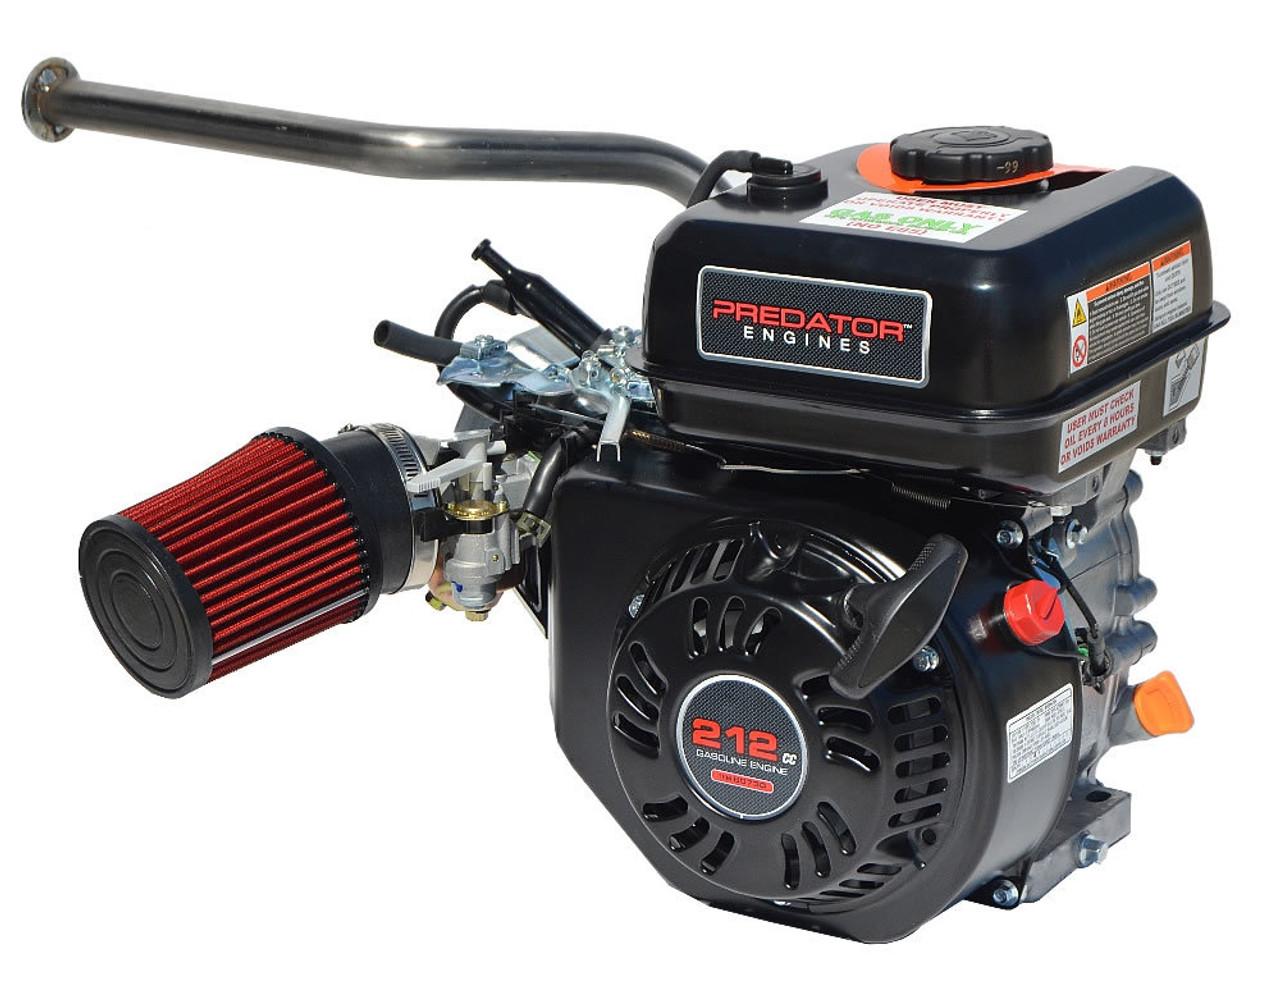 Go Kart Engines   Predator Engines   Predator Engines Dallas   Go